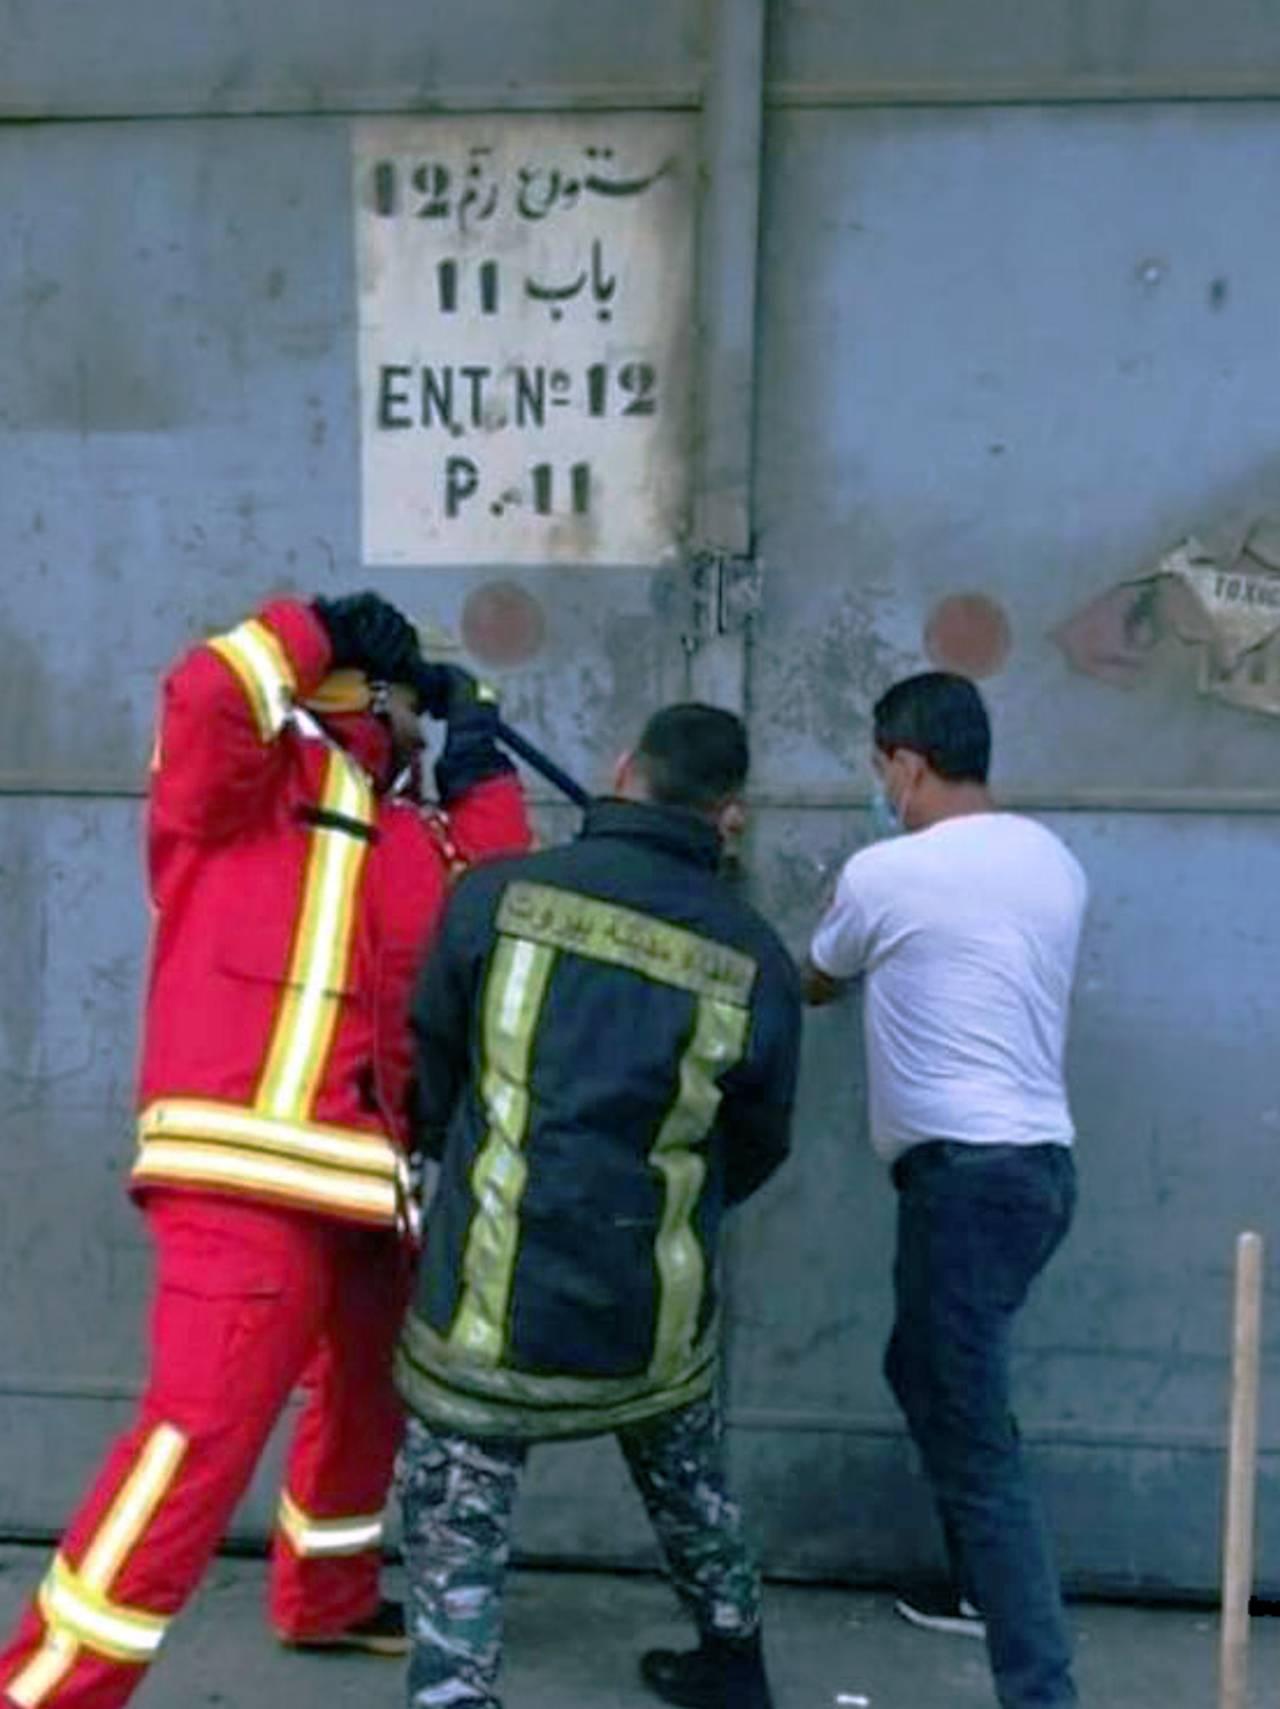 Brannmenn forsøker å åpne hangar 12 i Beirut 4.august 2020